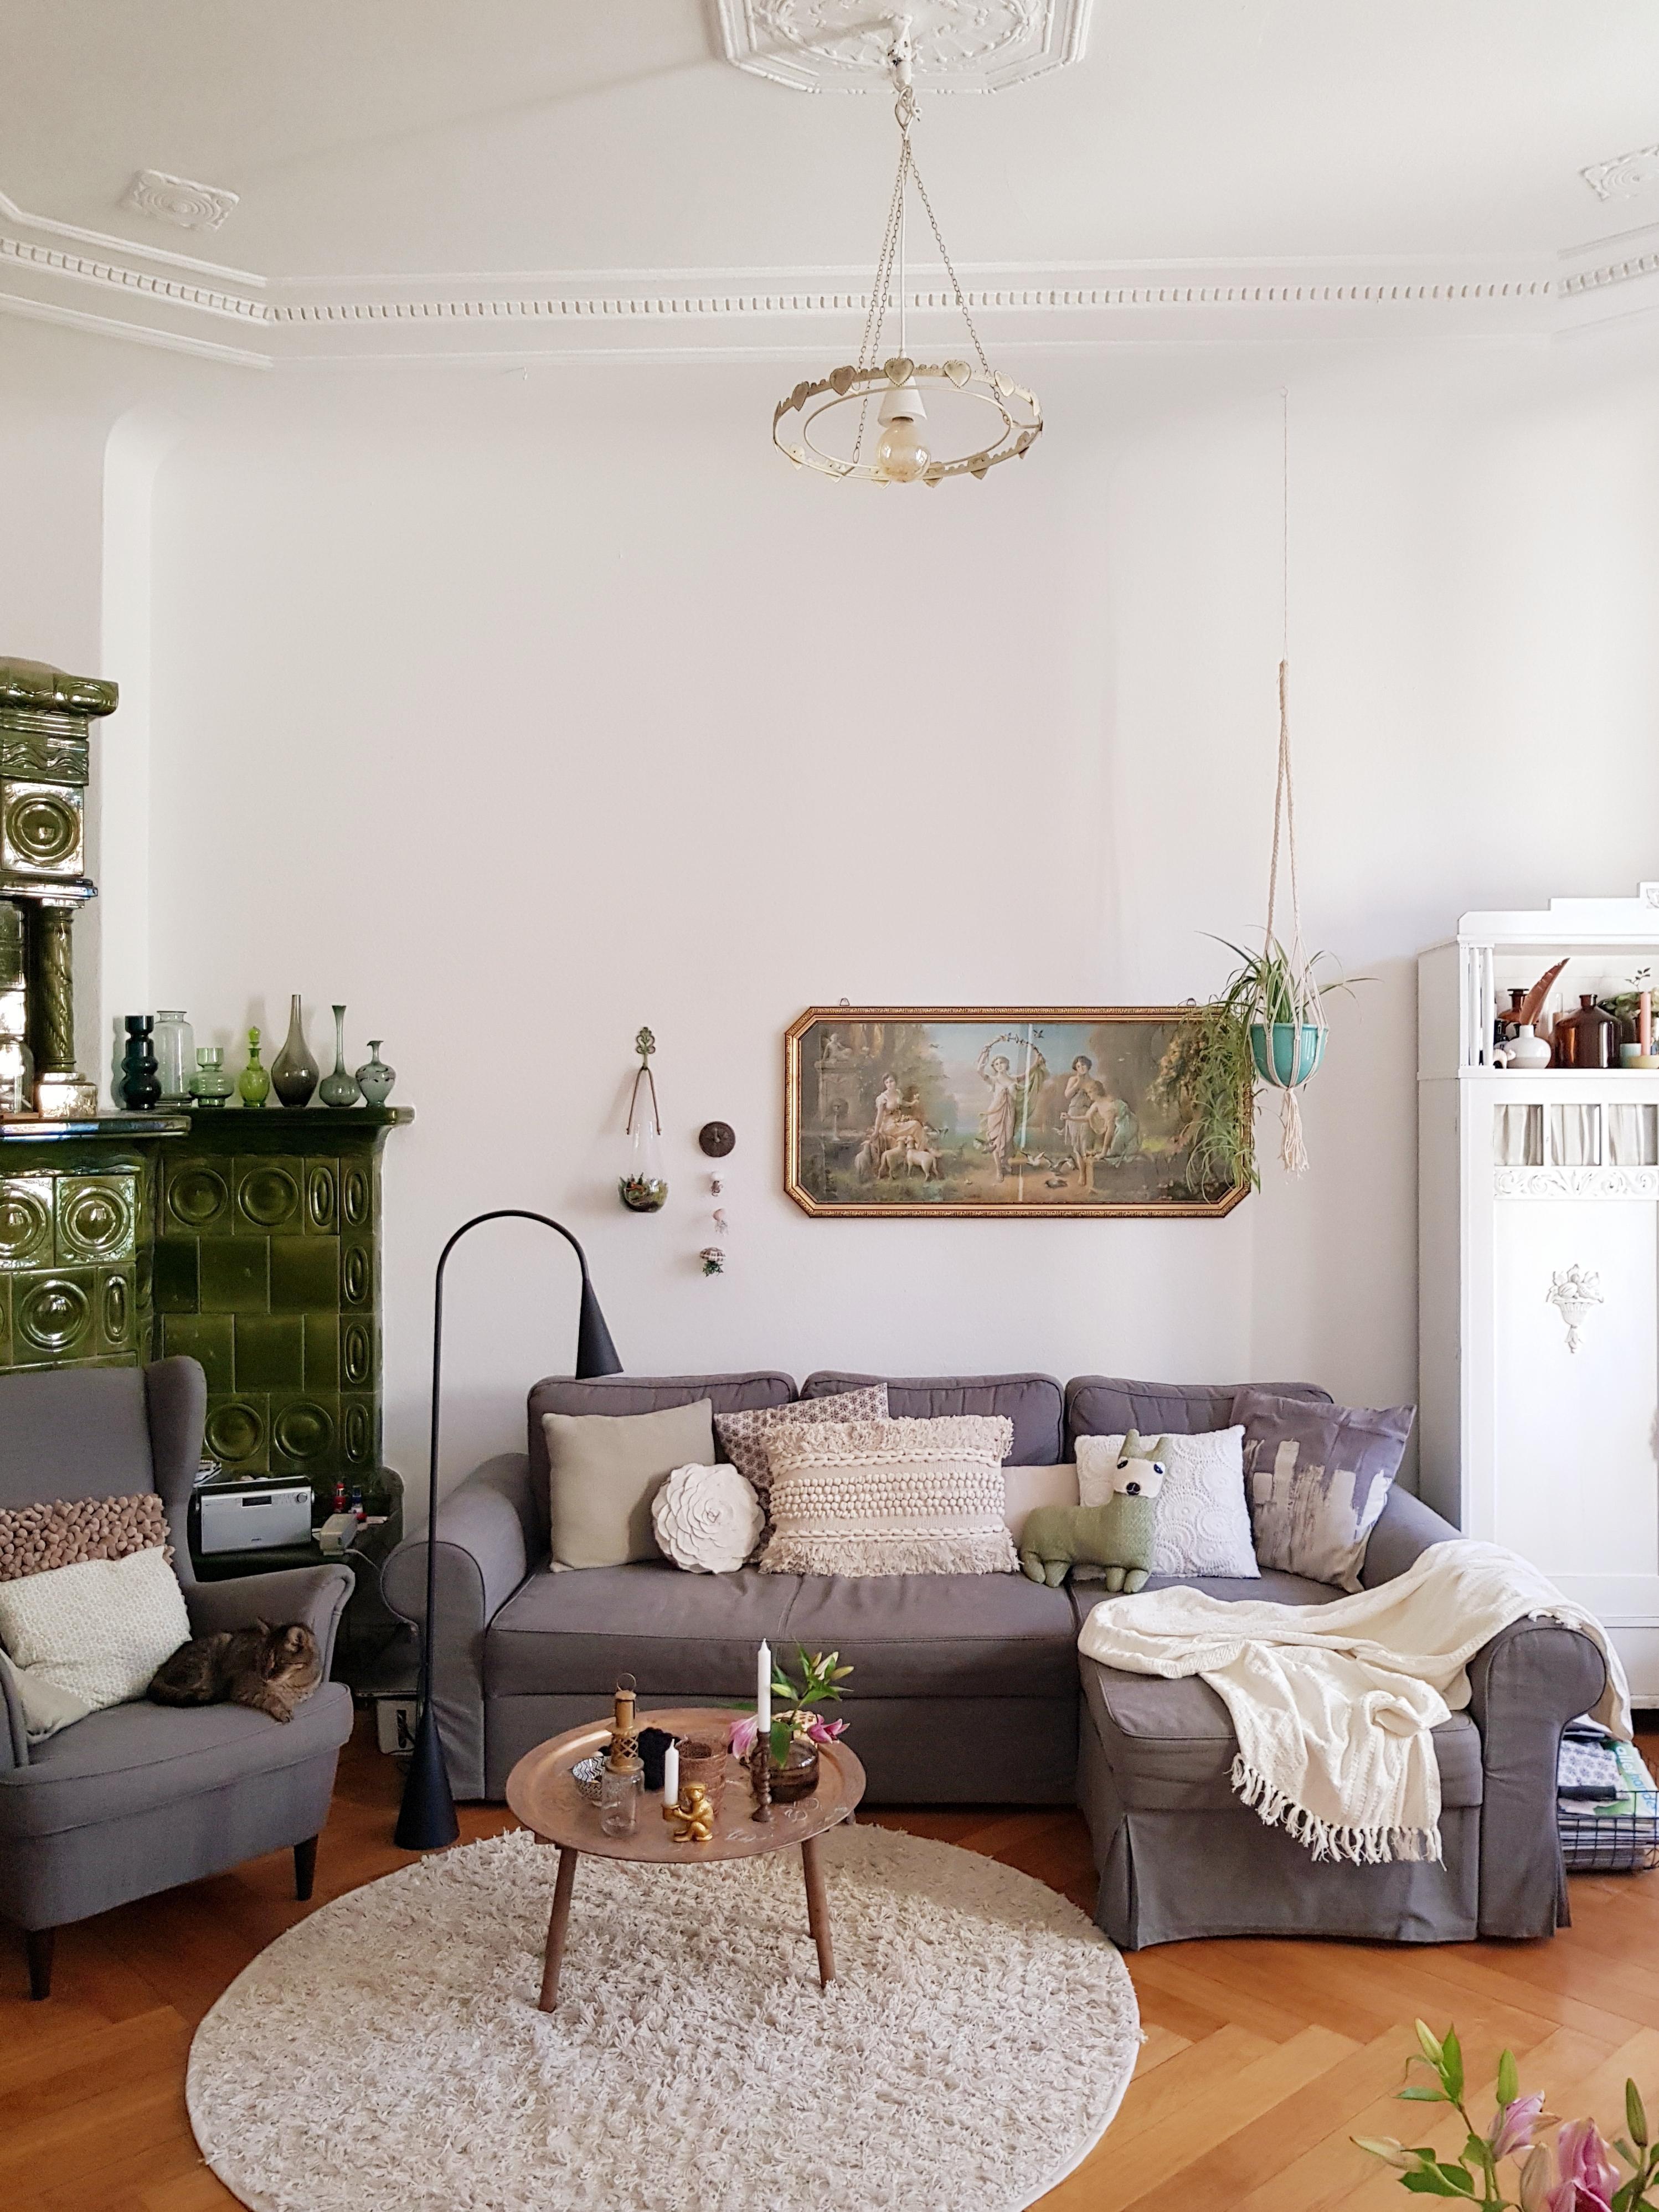 Hervorragend Livingchallenge Wohnzimmer Altbau Stuck Parkett Katze 28d5be26 E7ee 4aec  92e8 803f52ffa992